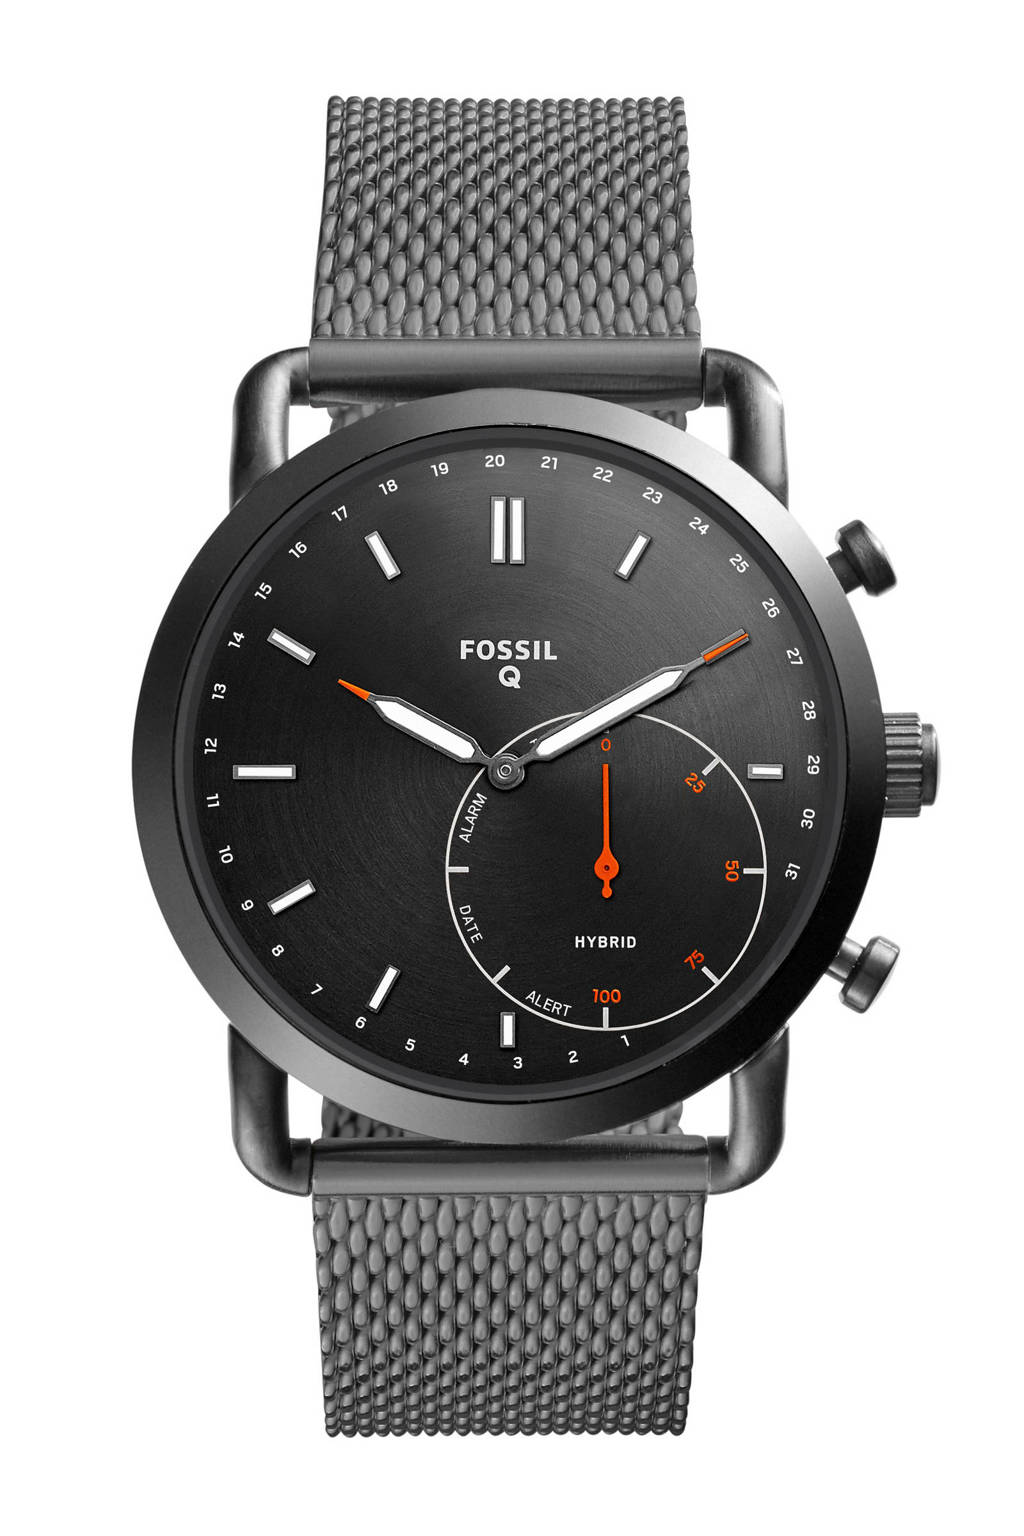 Fossil Q Commuter Gen 4 hybrid watch FTW1161, Grijs